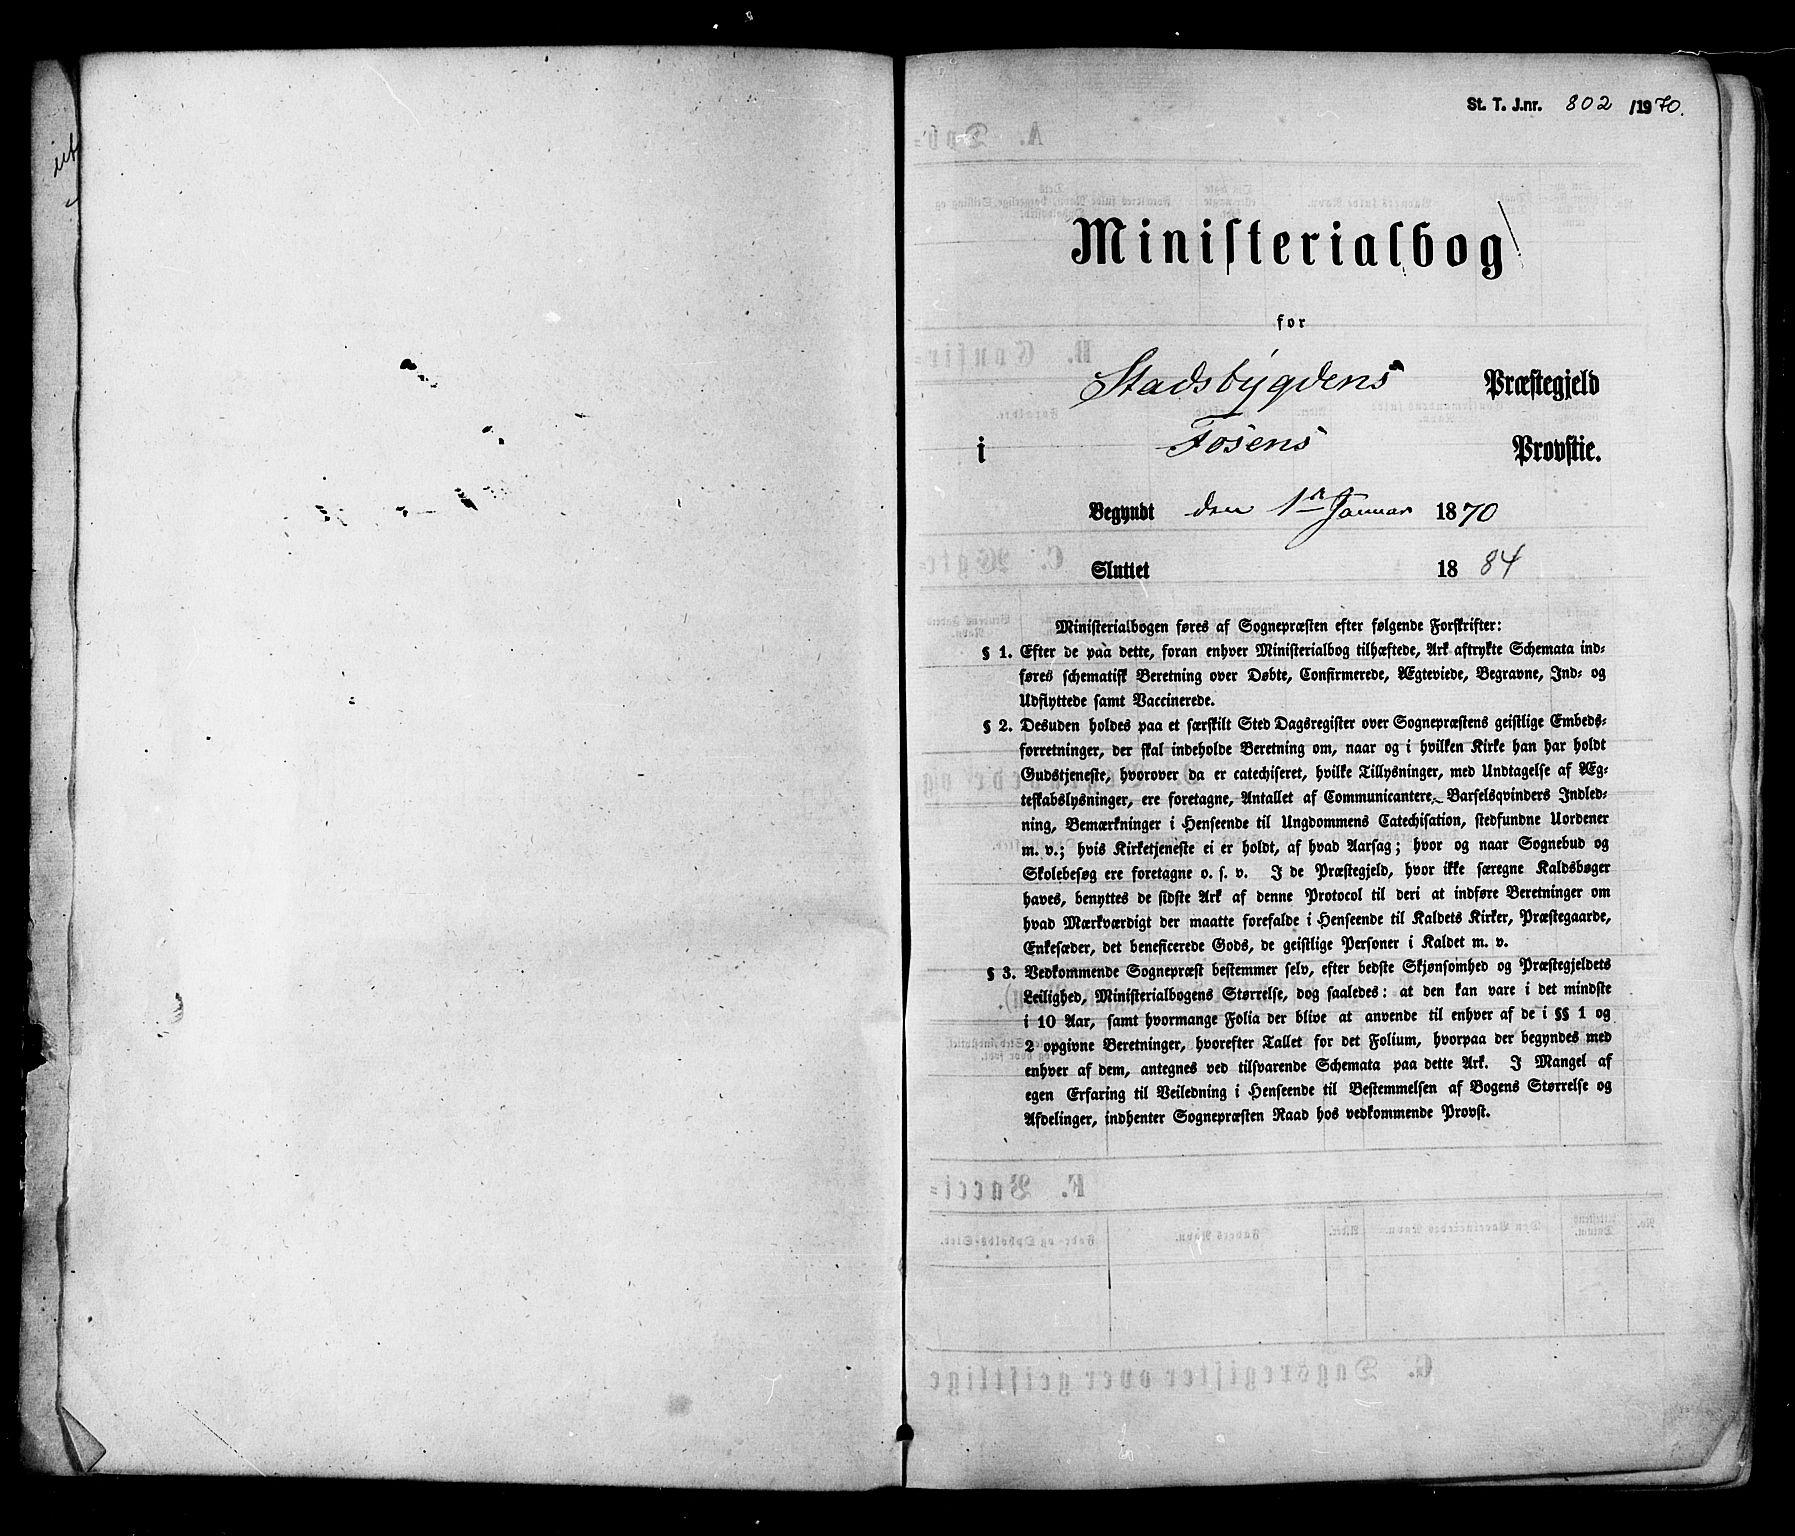 SAT, Ministerialprotokoller, klokkerbøker og fødselsregistre - Sør-Trøndelag, 646/L0613: Ministerialbok nr. 646A11, 1870-1884